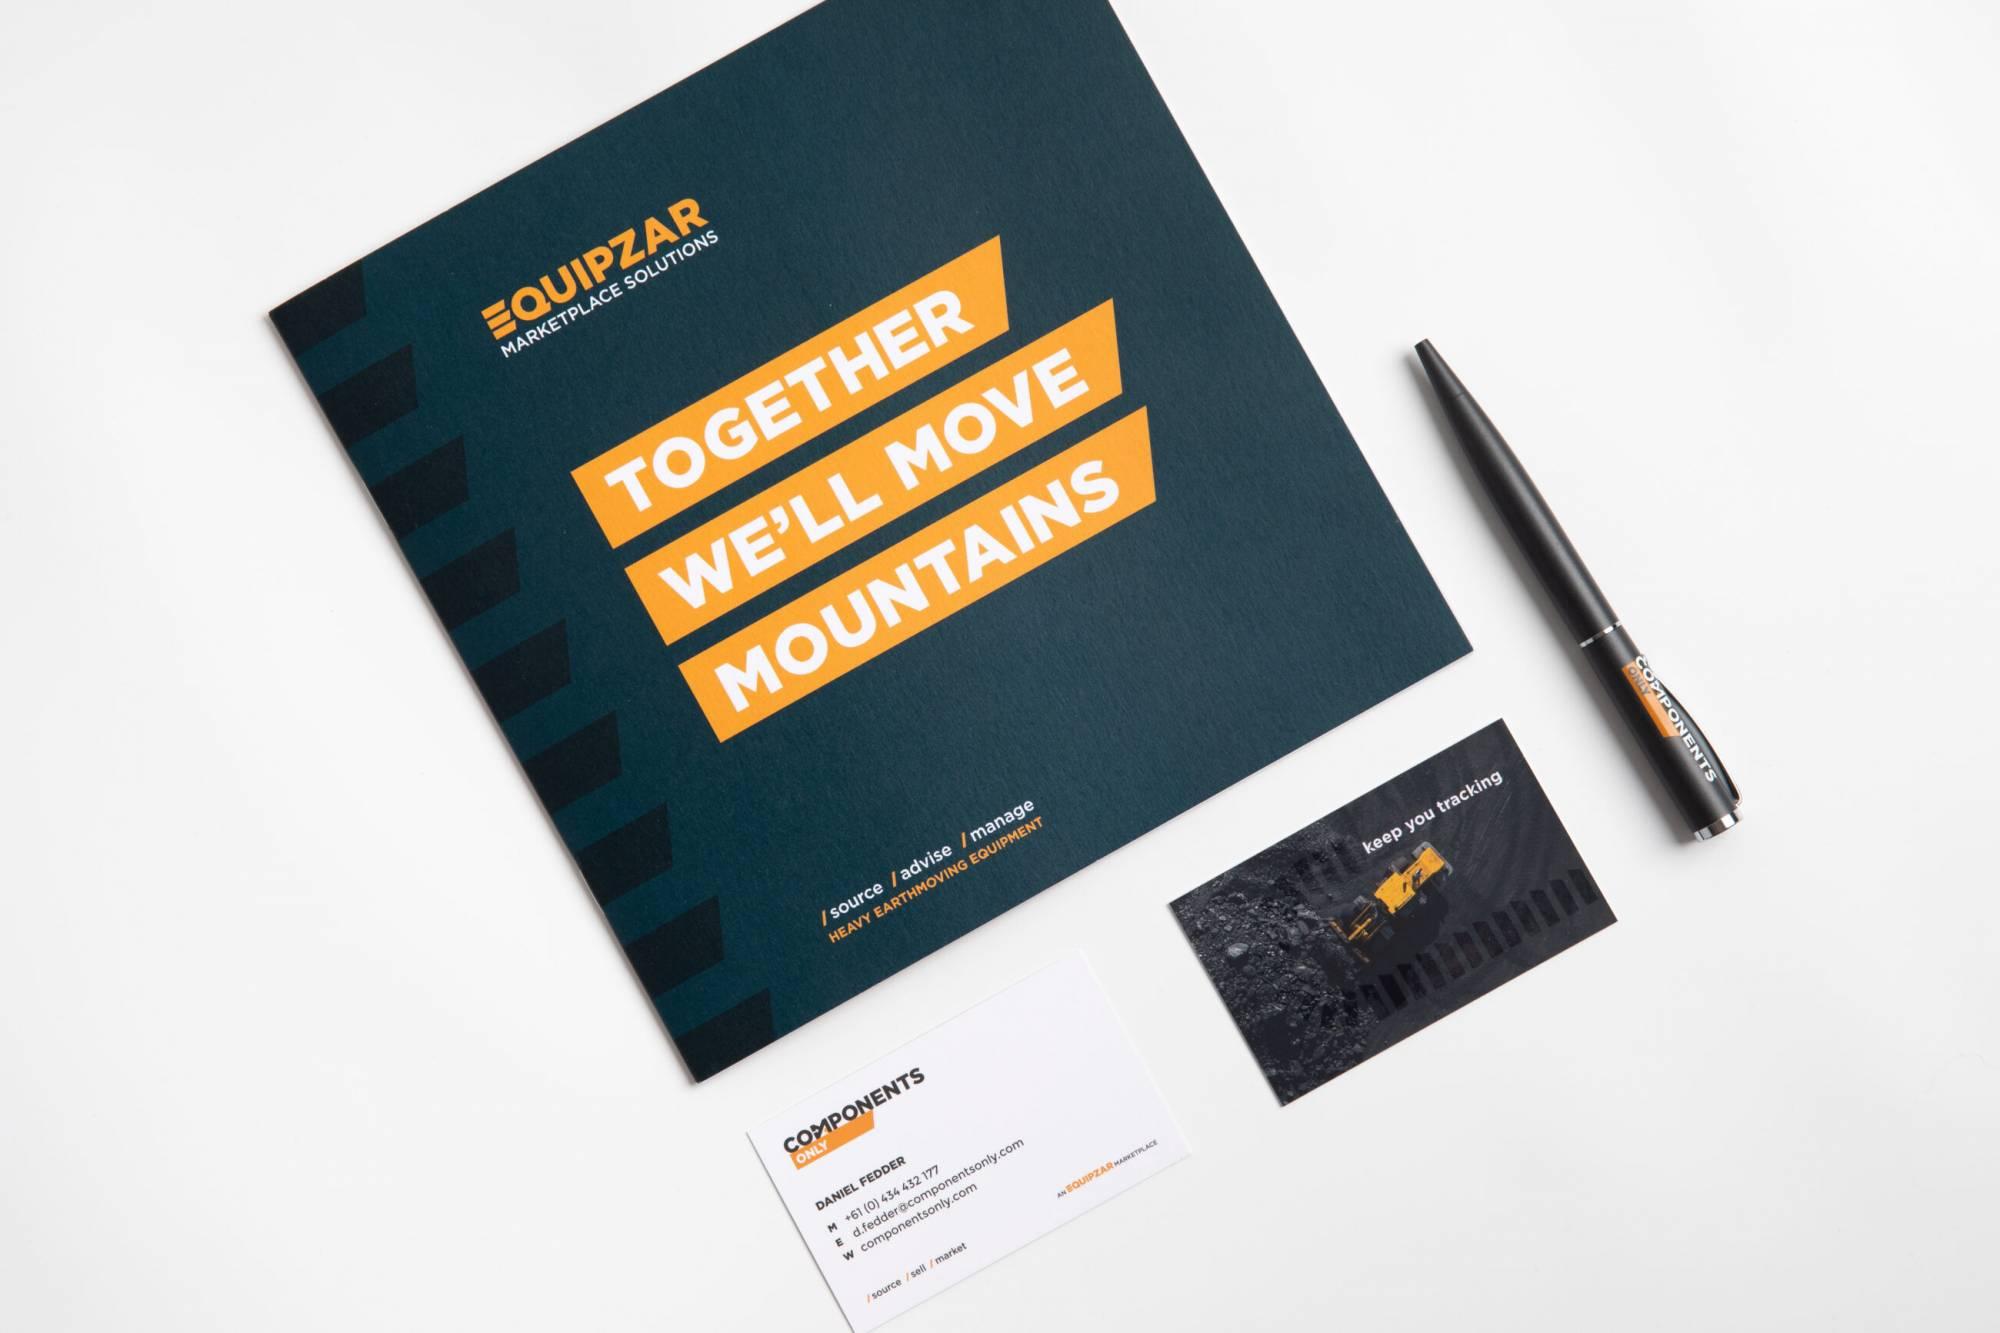 Equipzar - branding examples